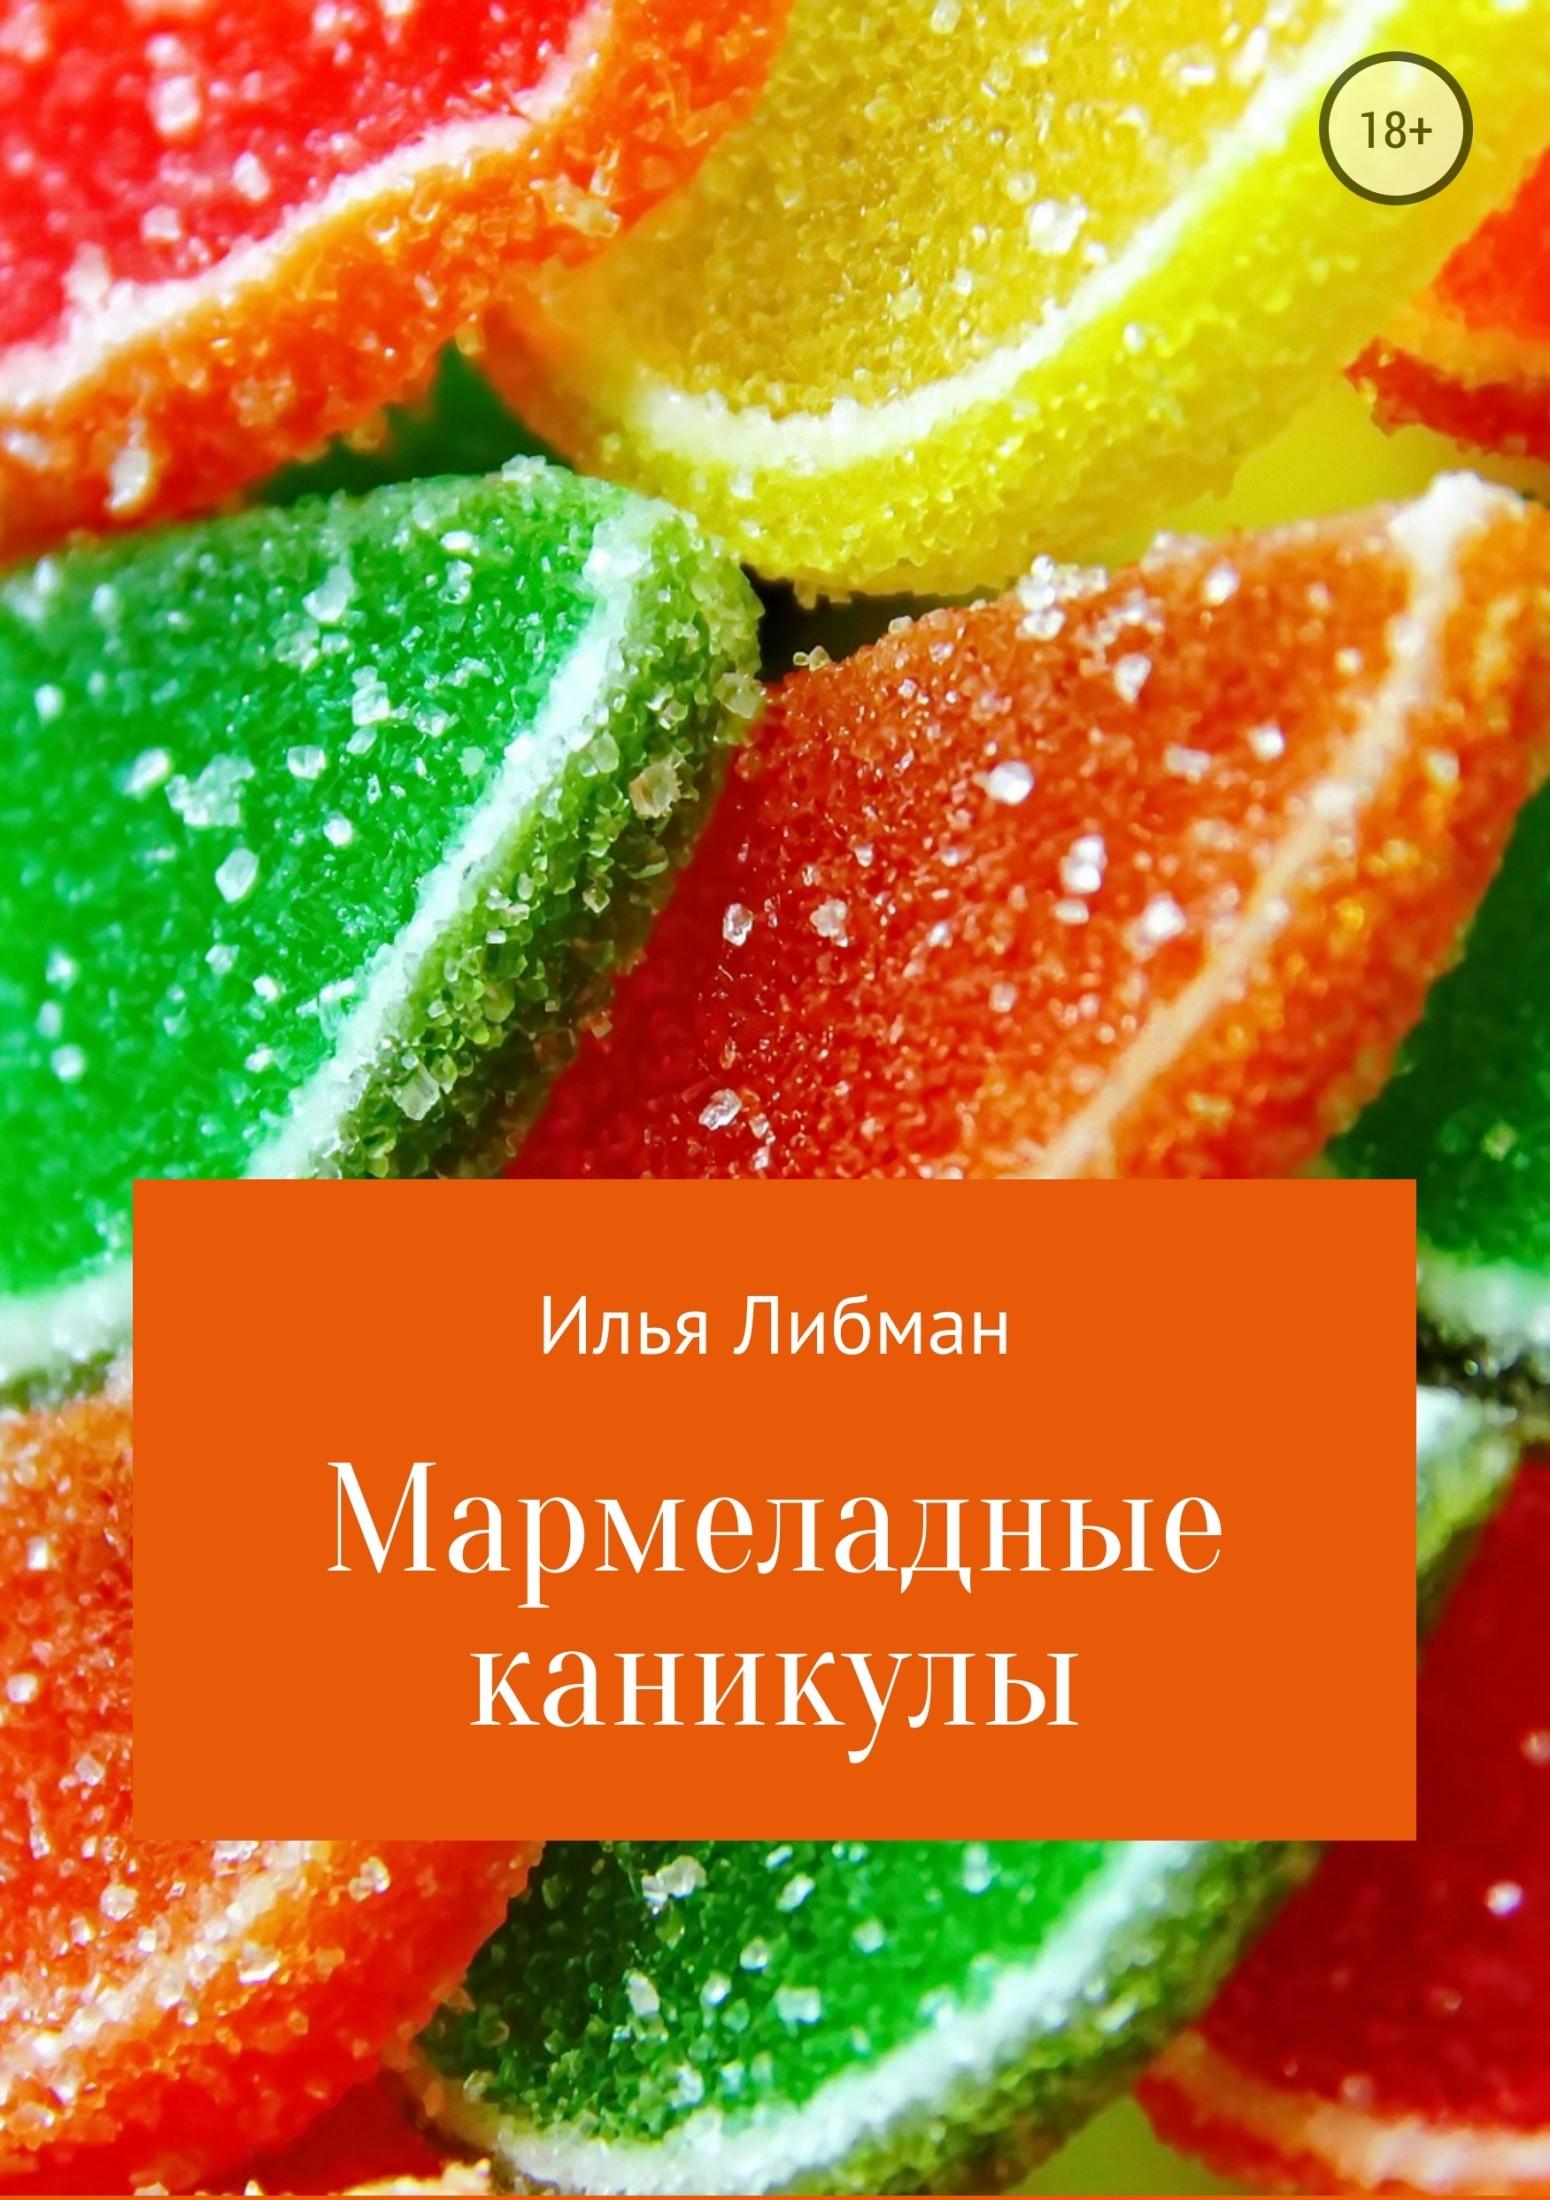 Илья Либман Мармеладные каникулы купить сумку почтальона в москве